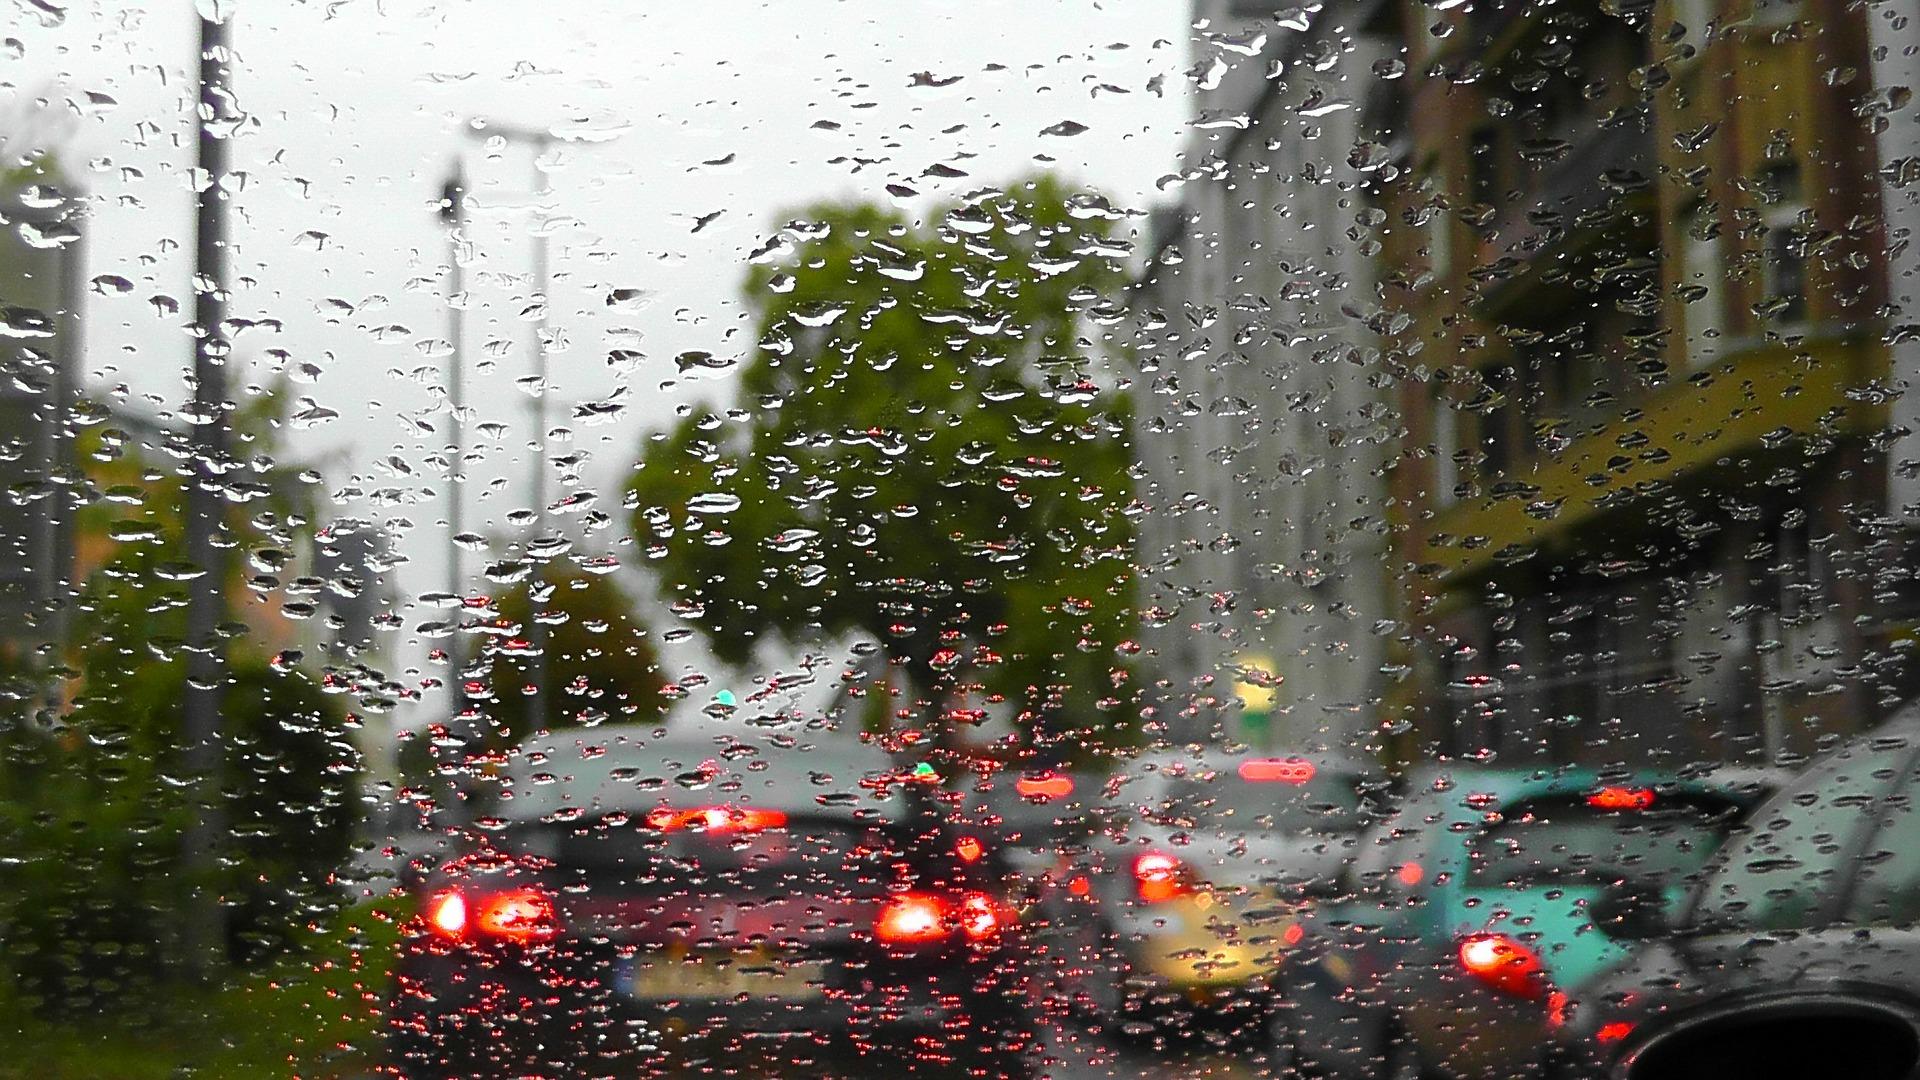 Foto da janela molhada de um carro com o trânsito do lado de fora. Imagem ilustrativa para texto limpeza de vidros.